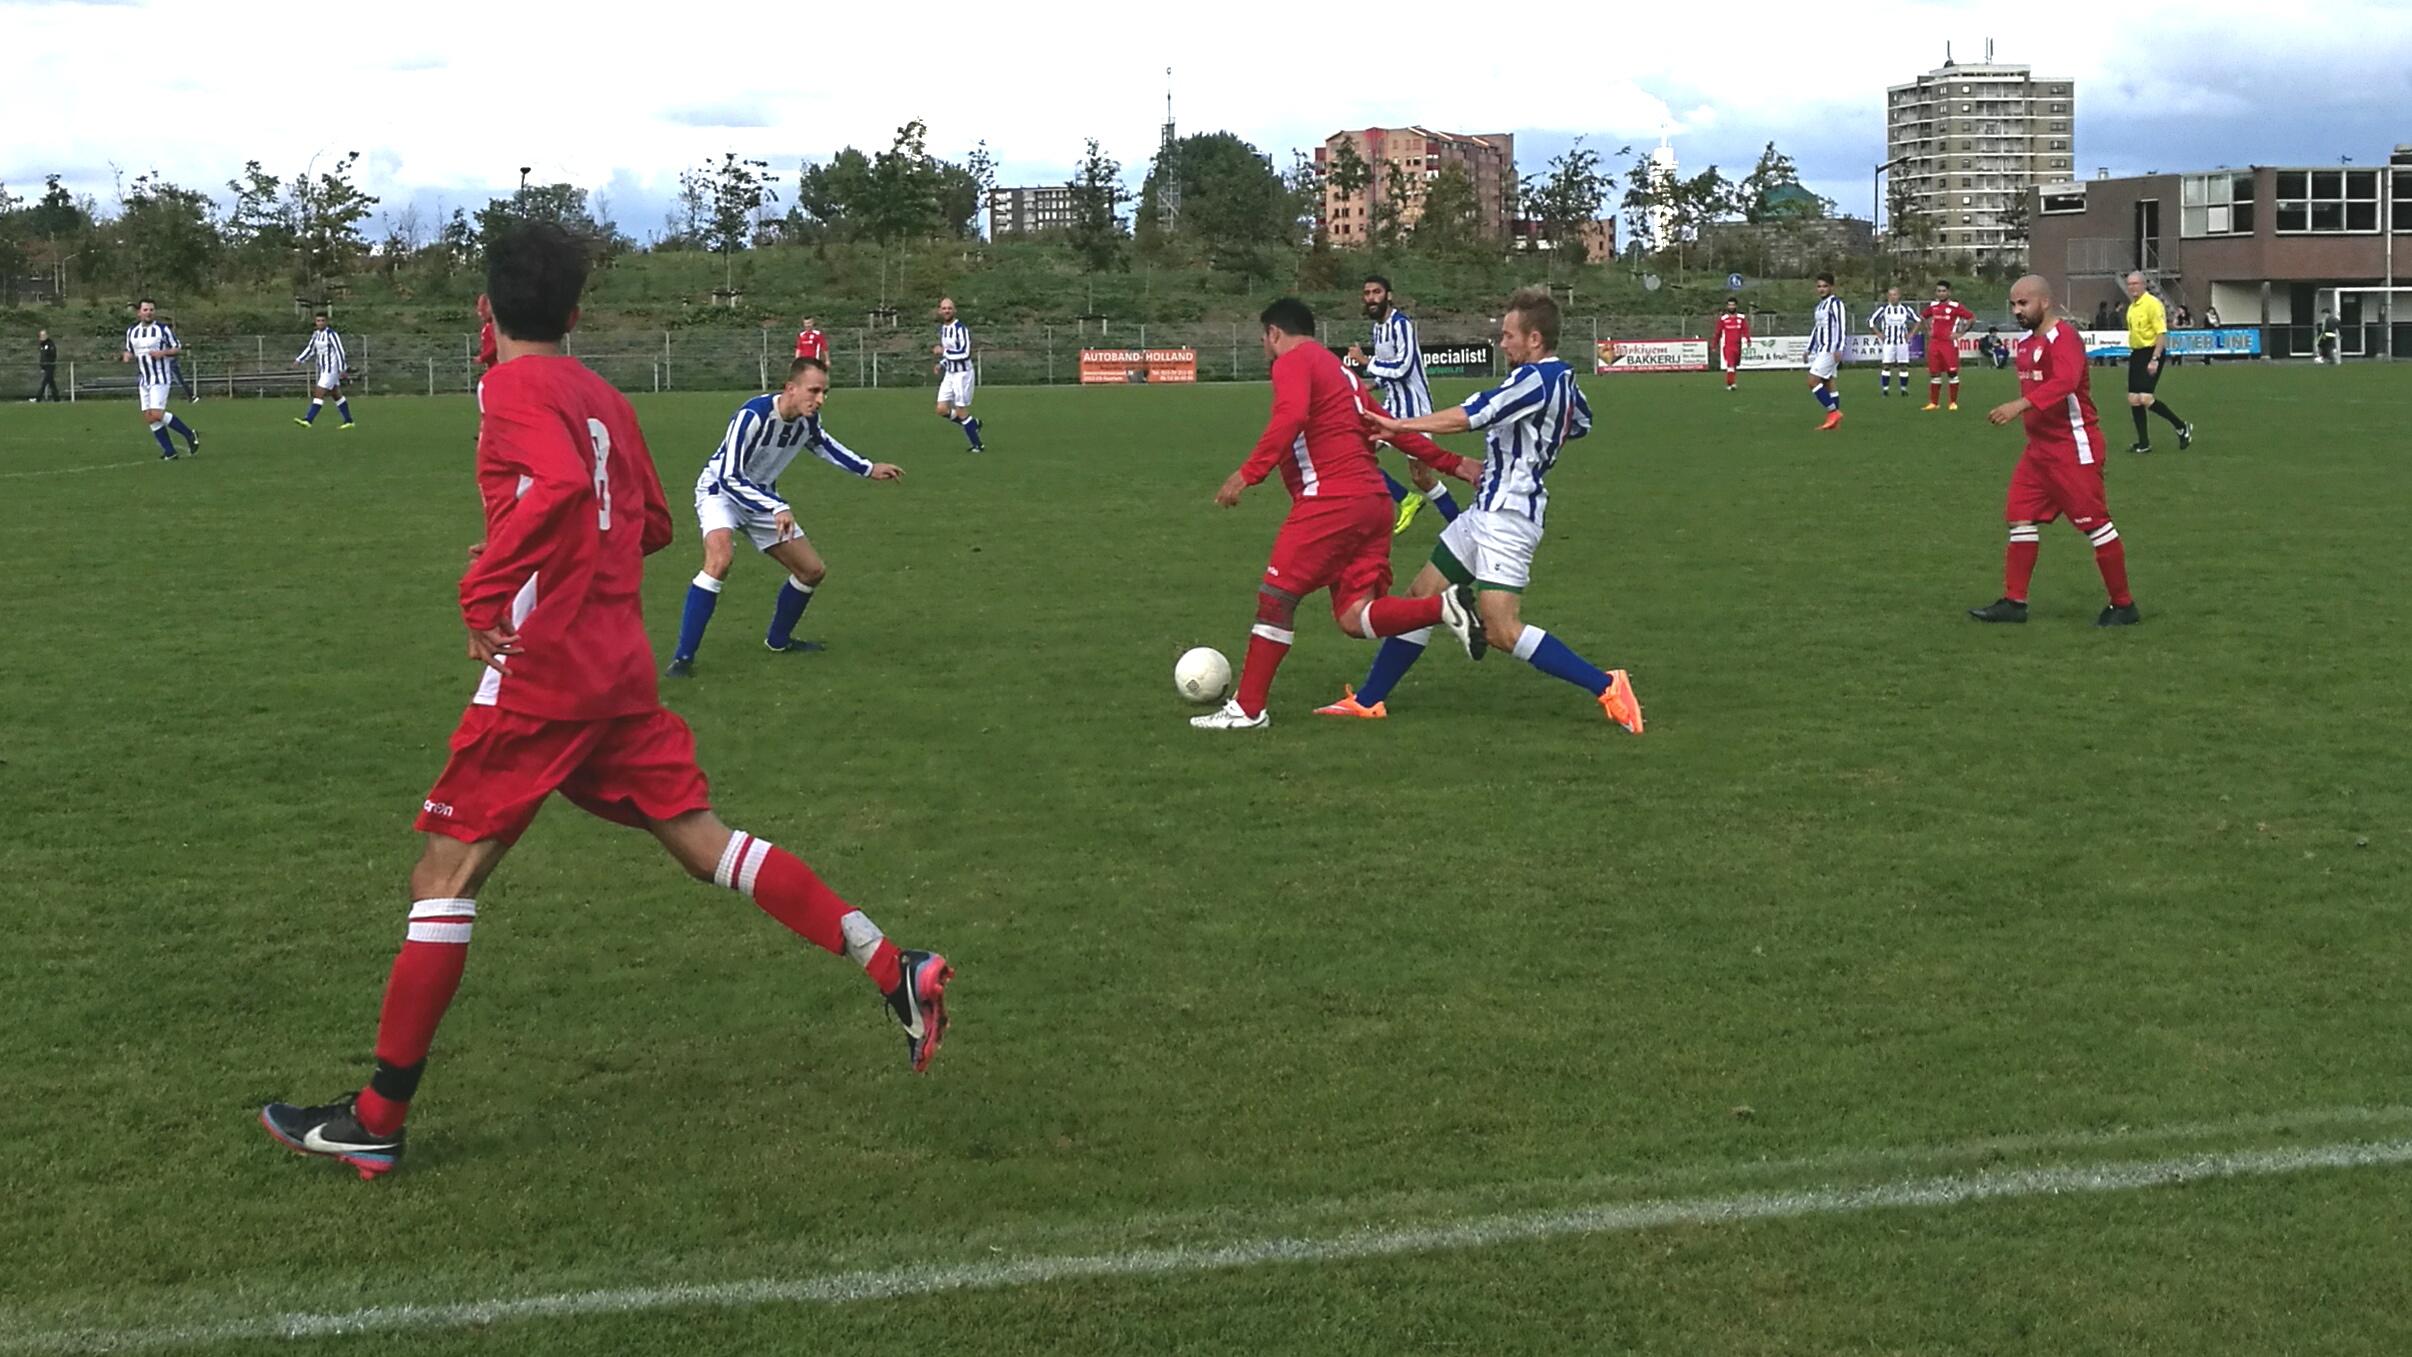 HYS - Sloterdijk - Voetbal in Haarlem